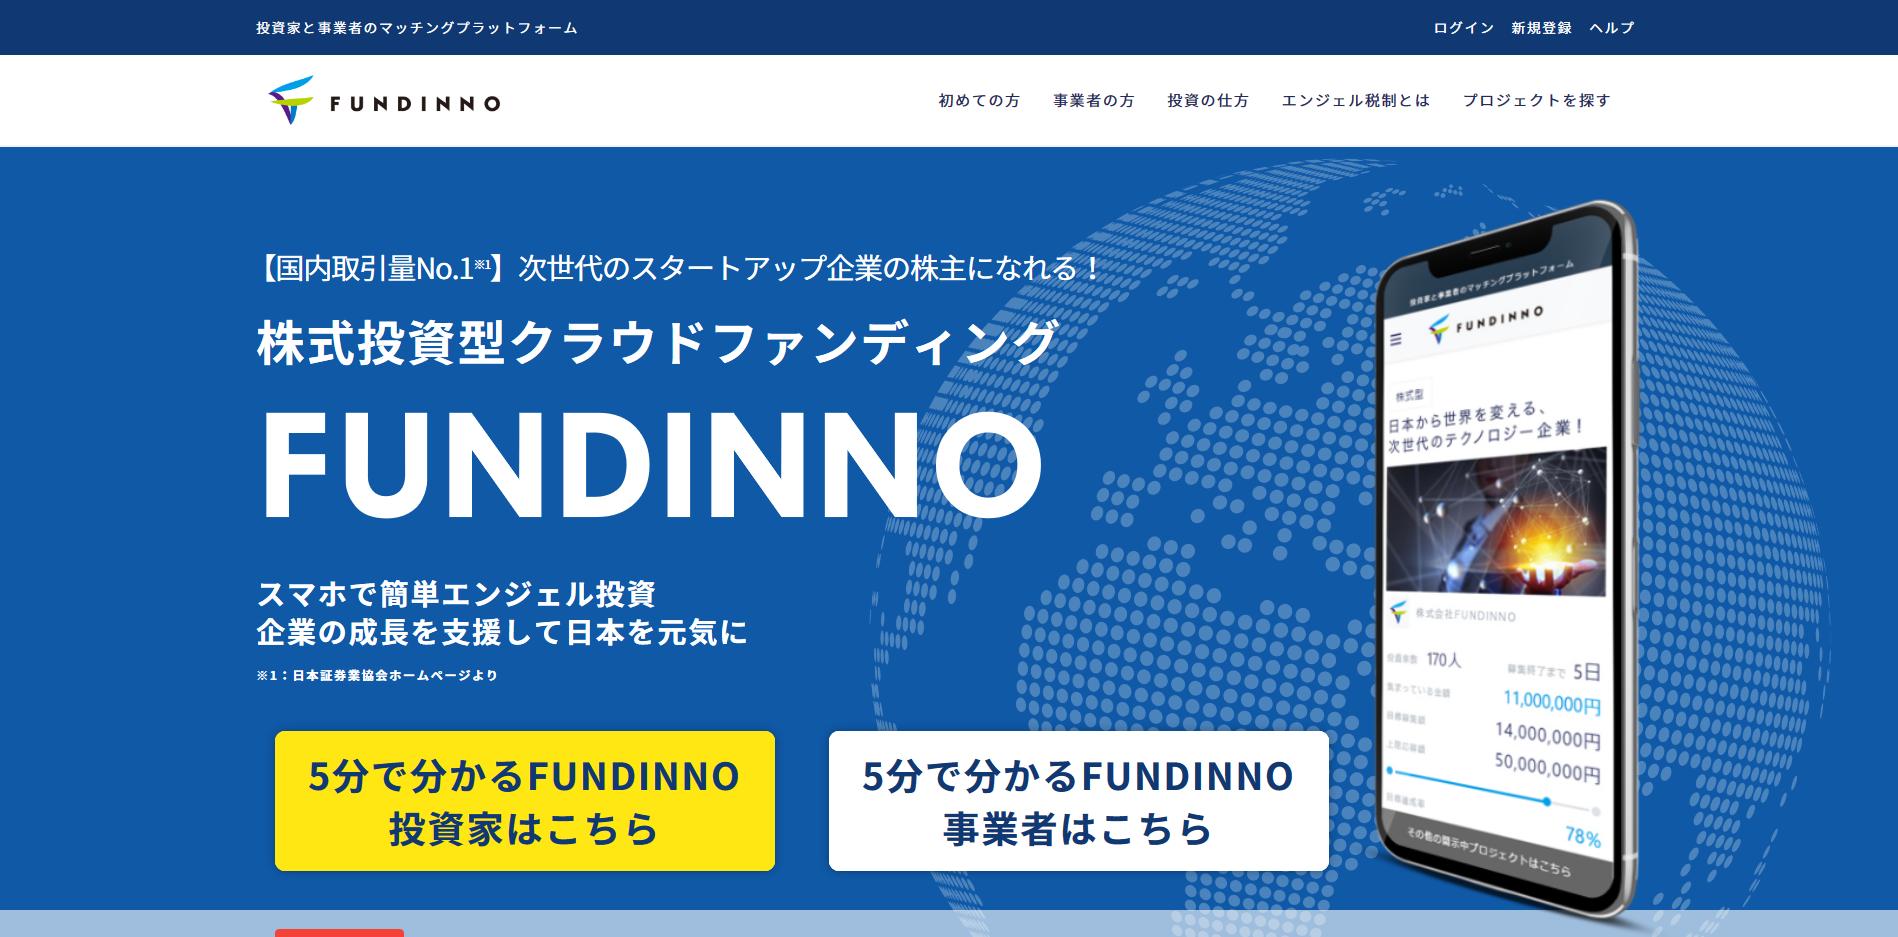 FUNDINNO(ファンディーノ)の画像